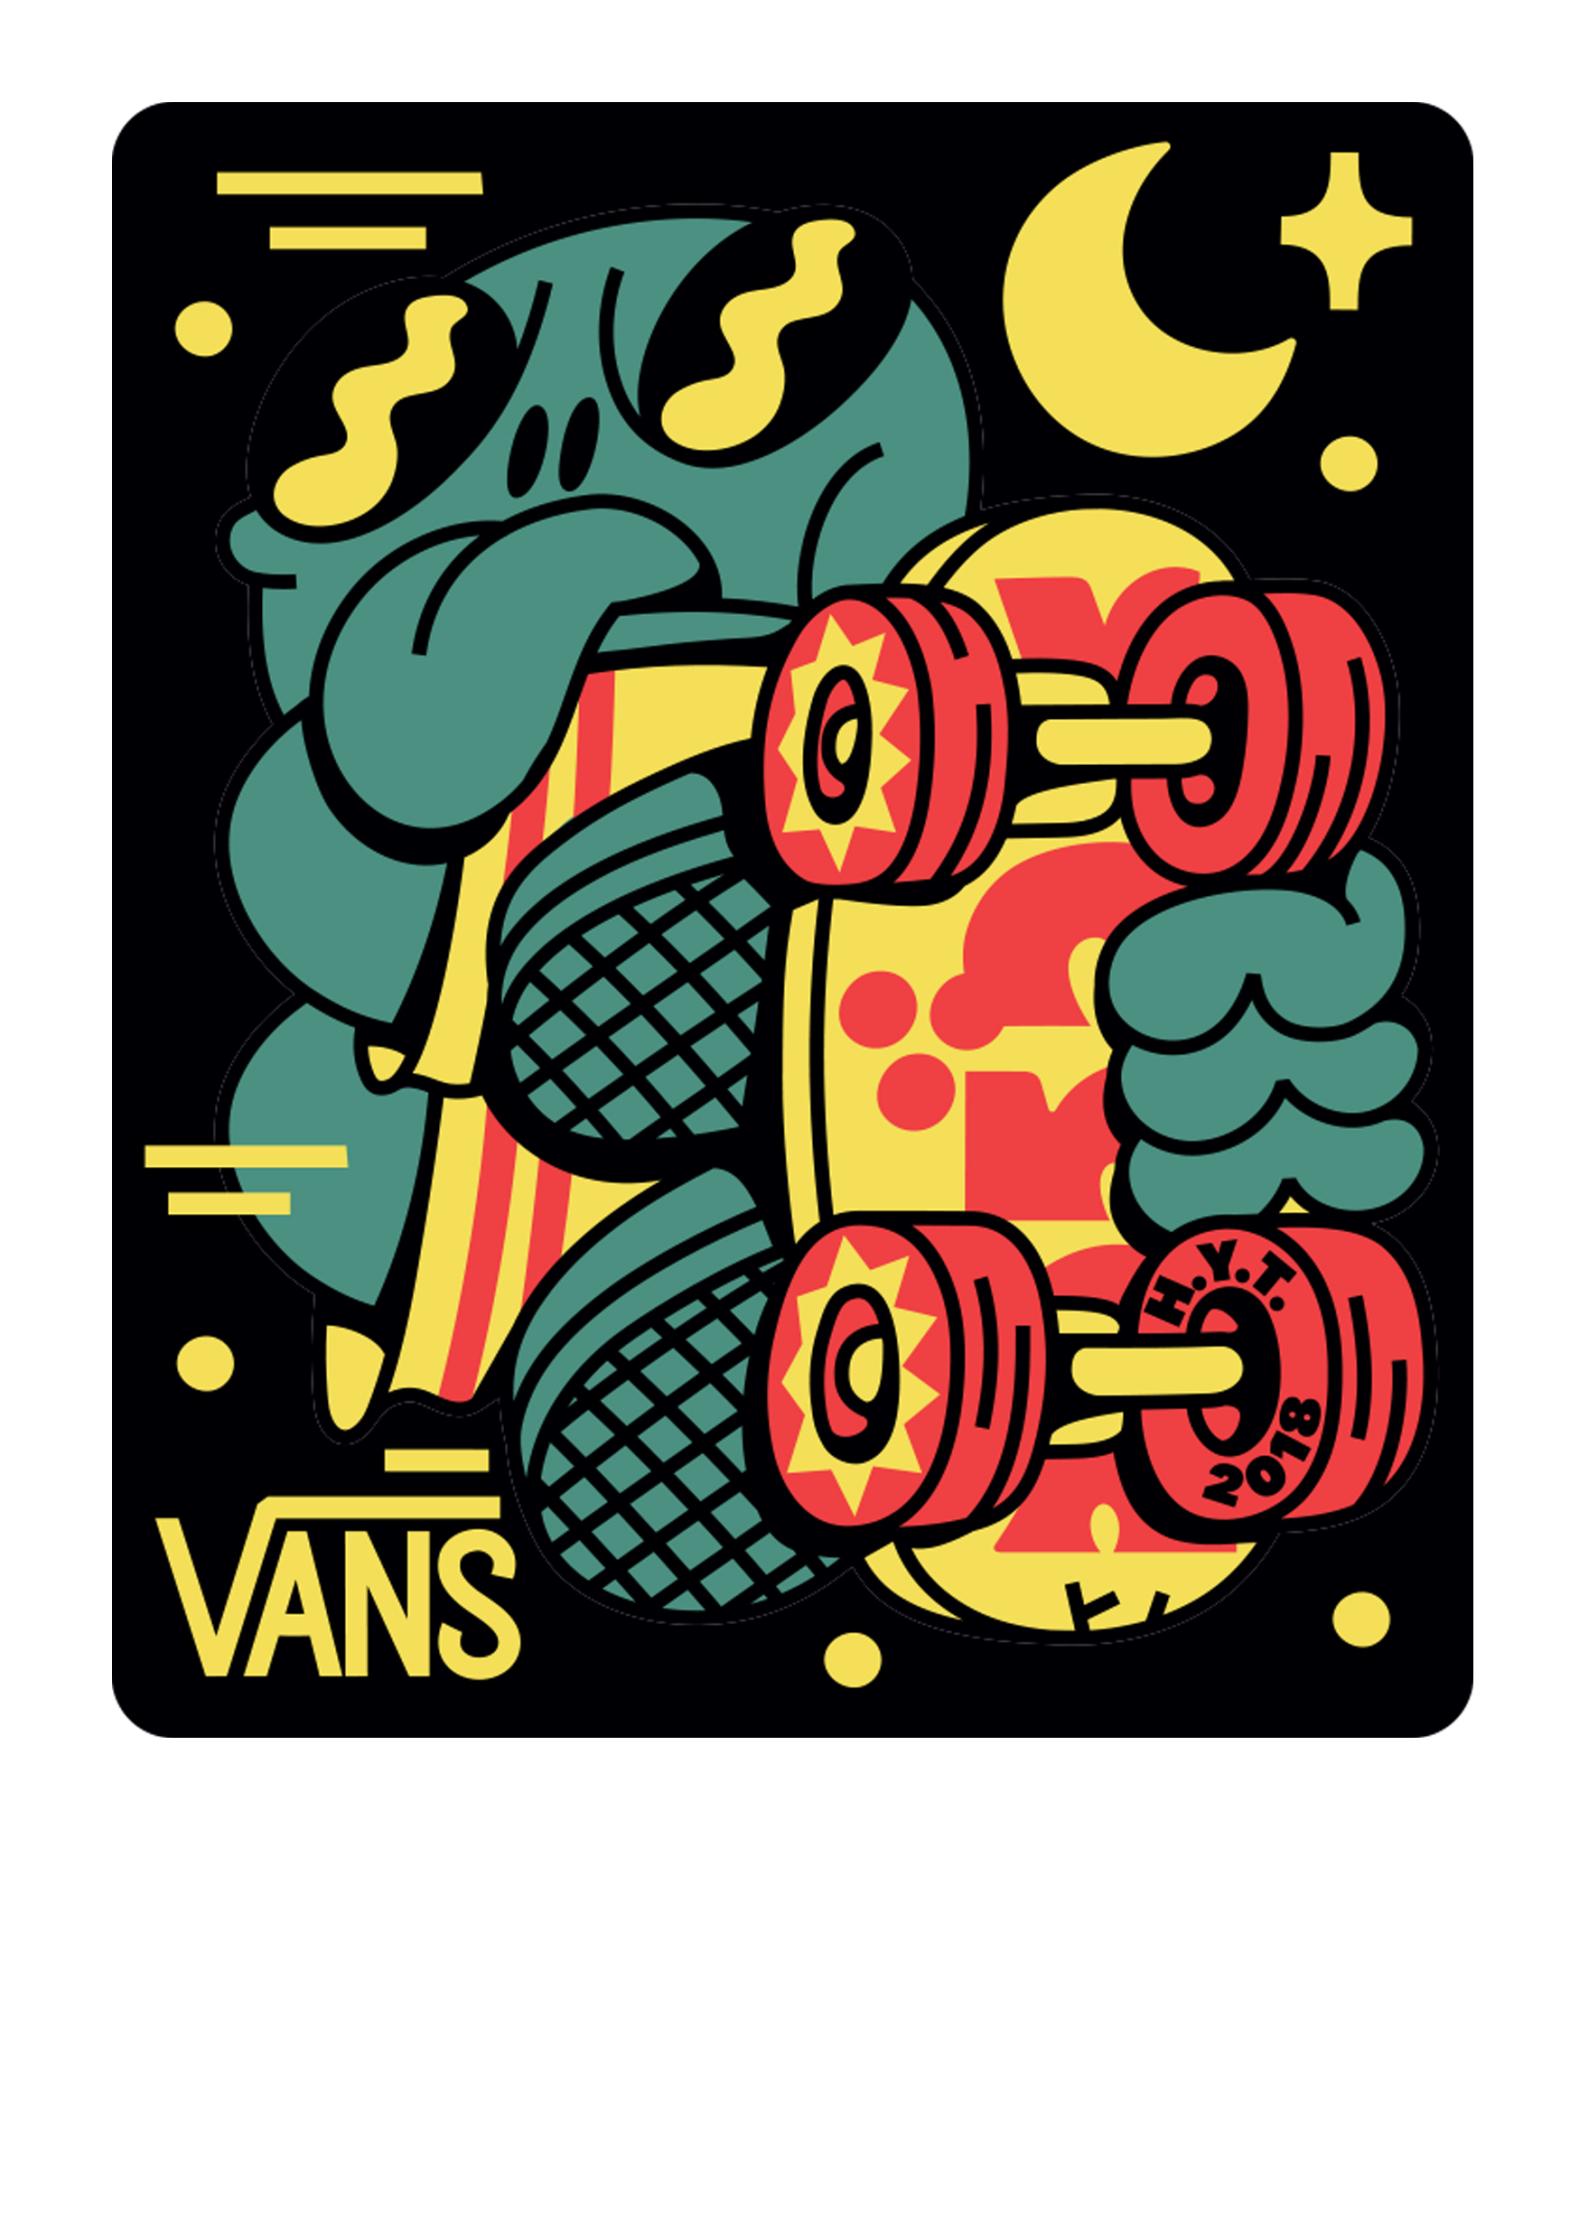 Vans_HYT_Image2.jpg